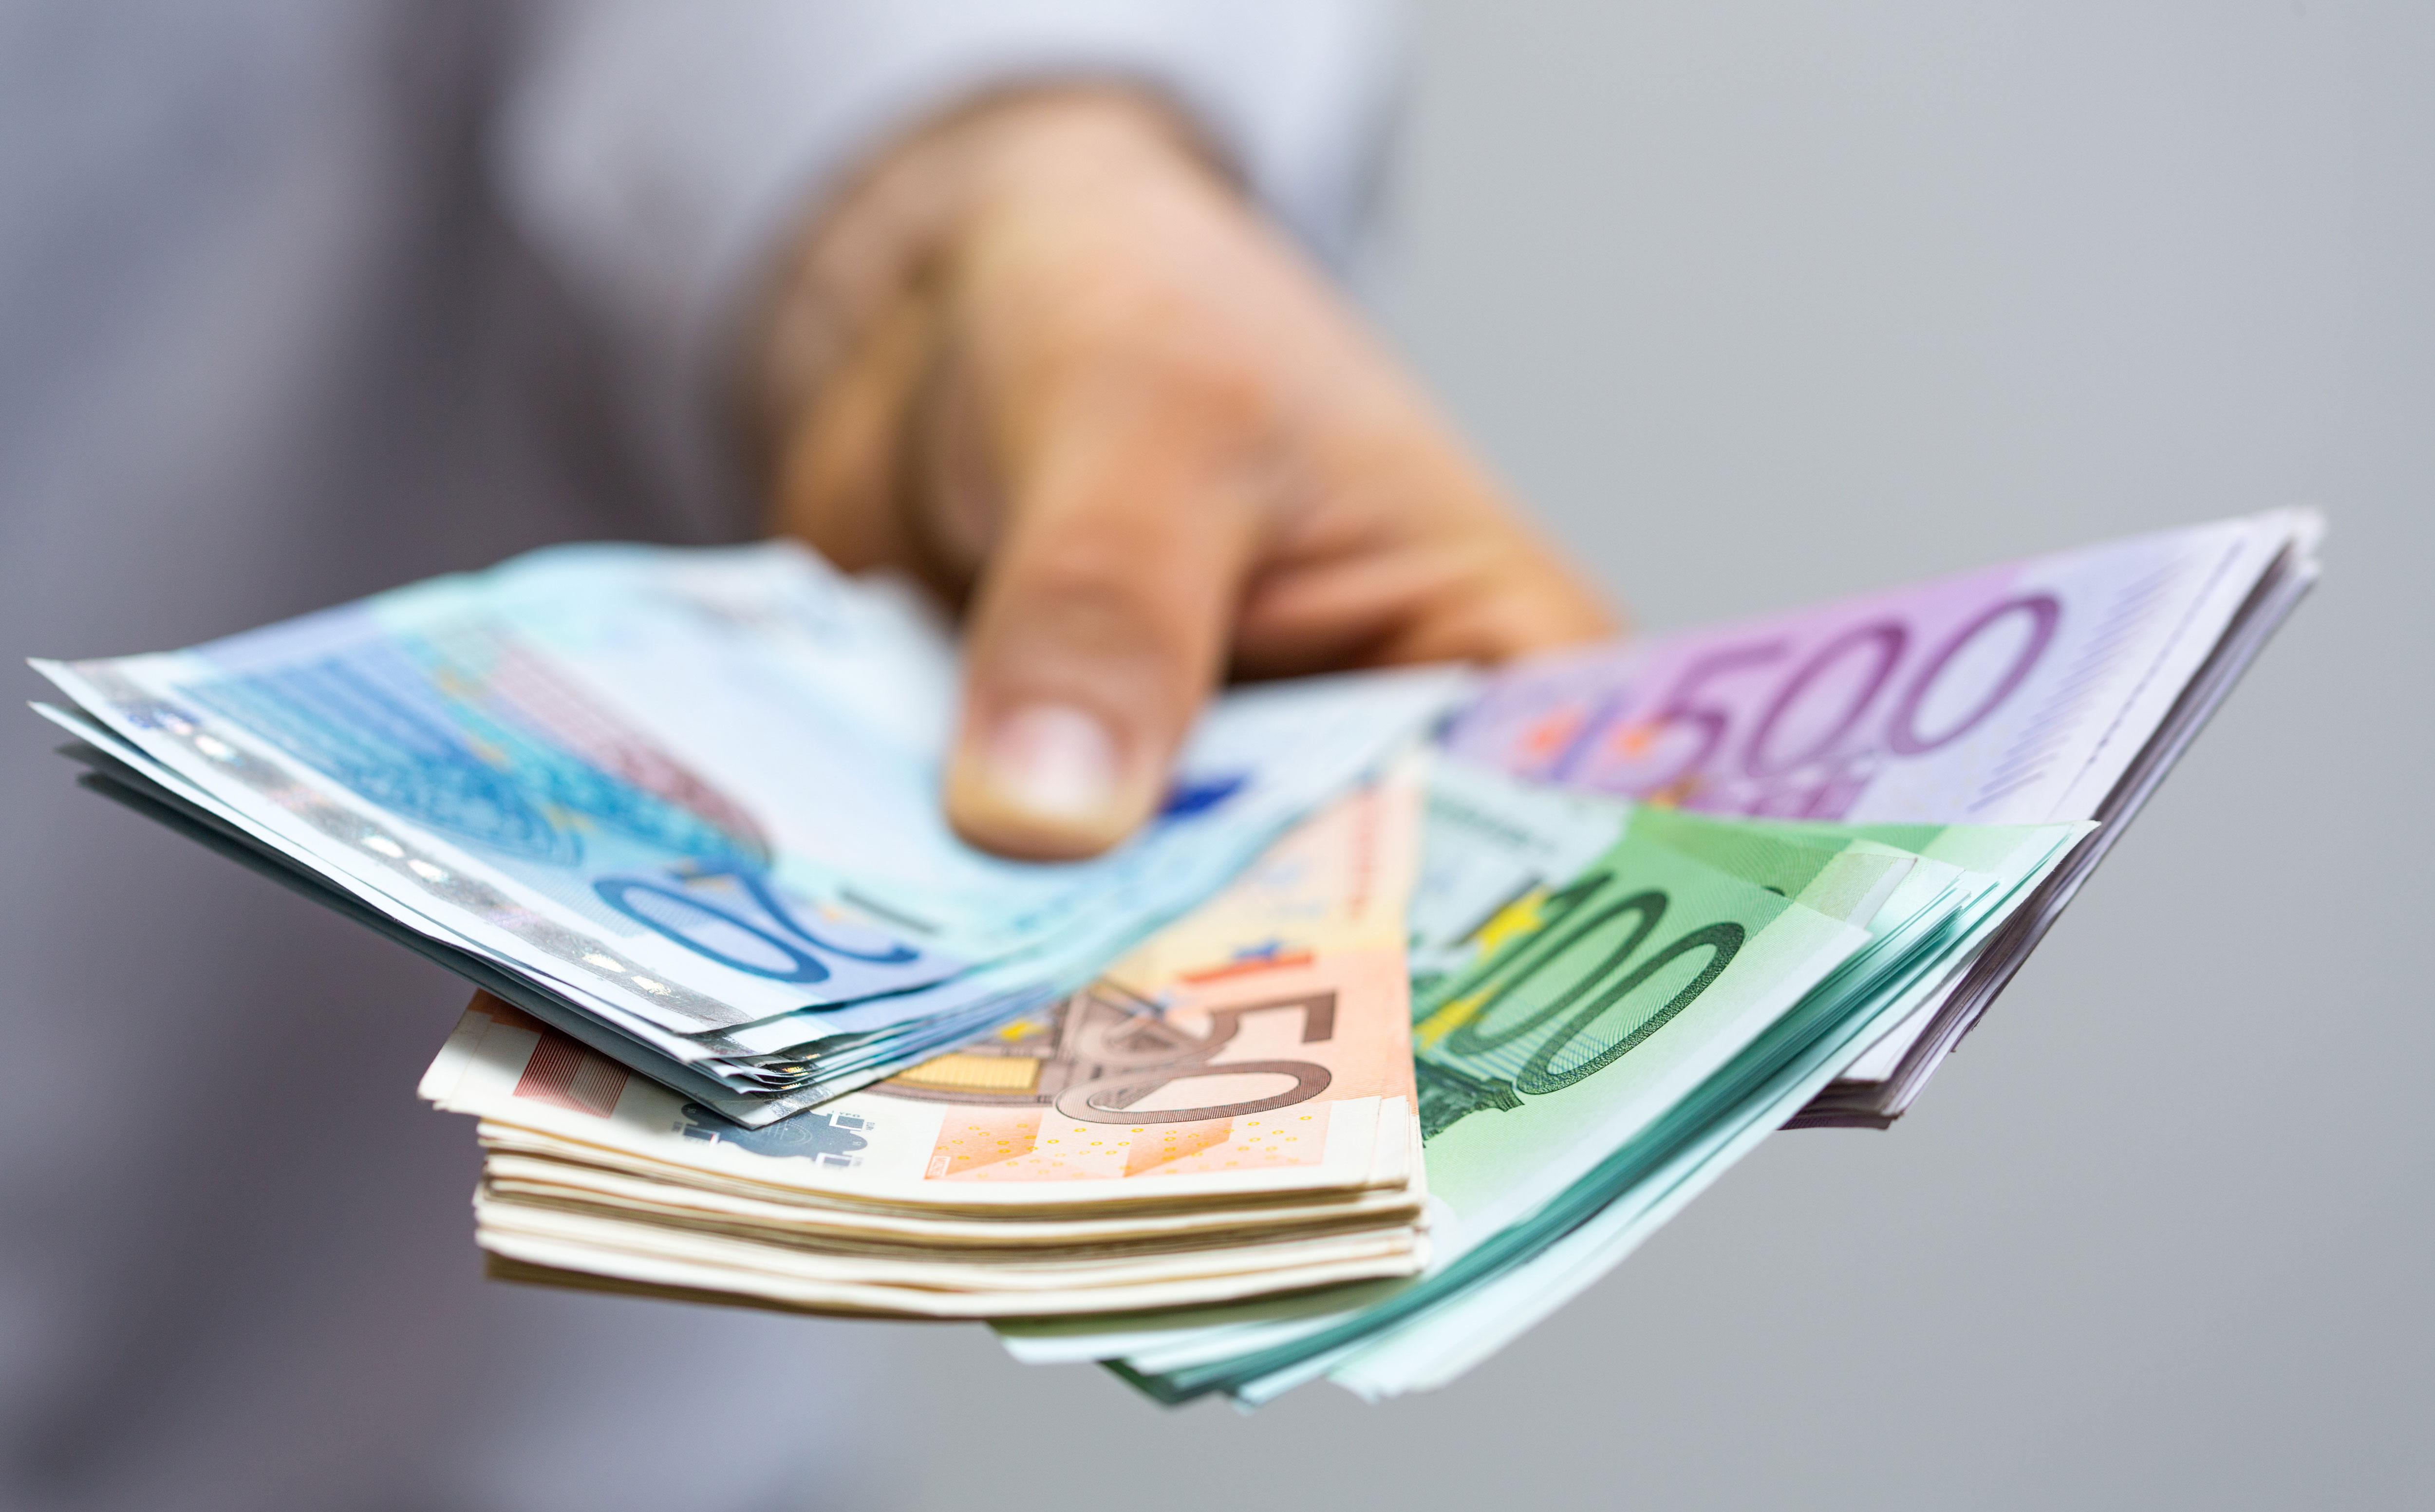 Relation à l'argent